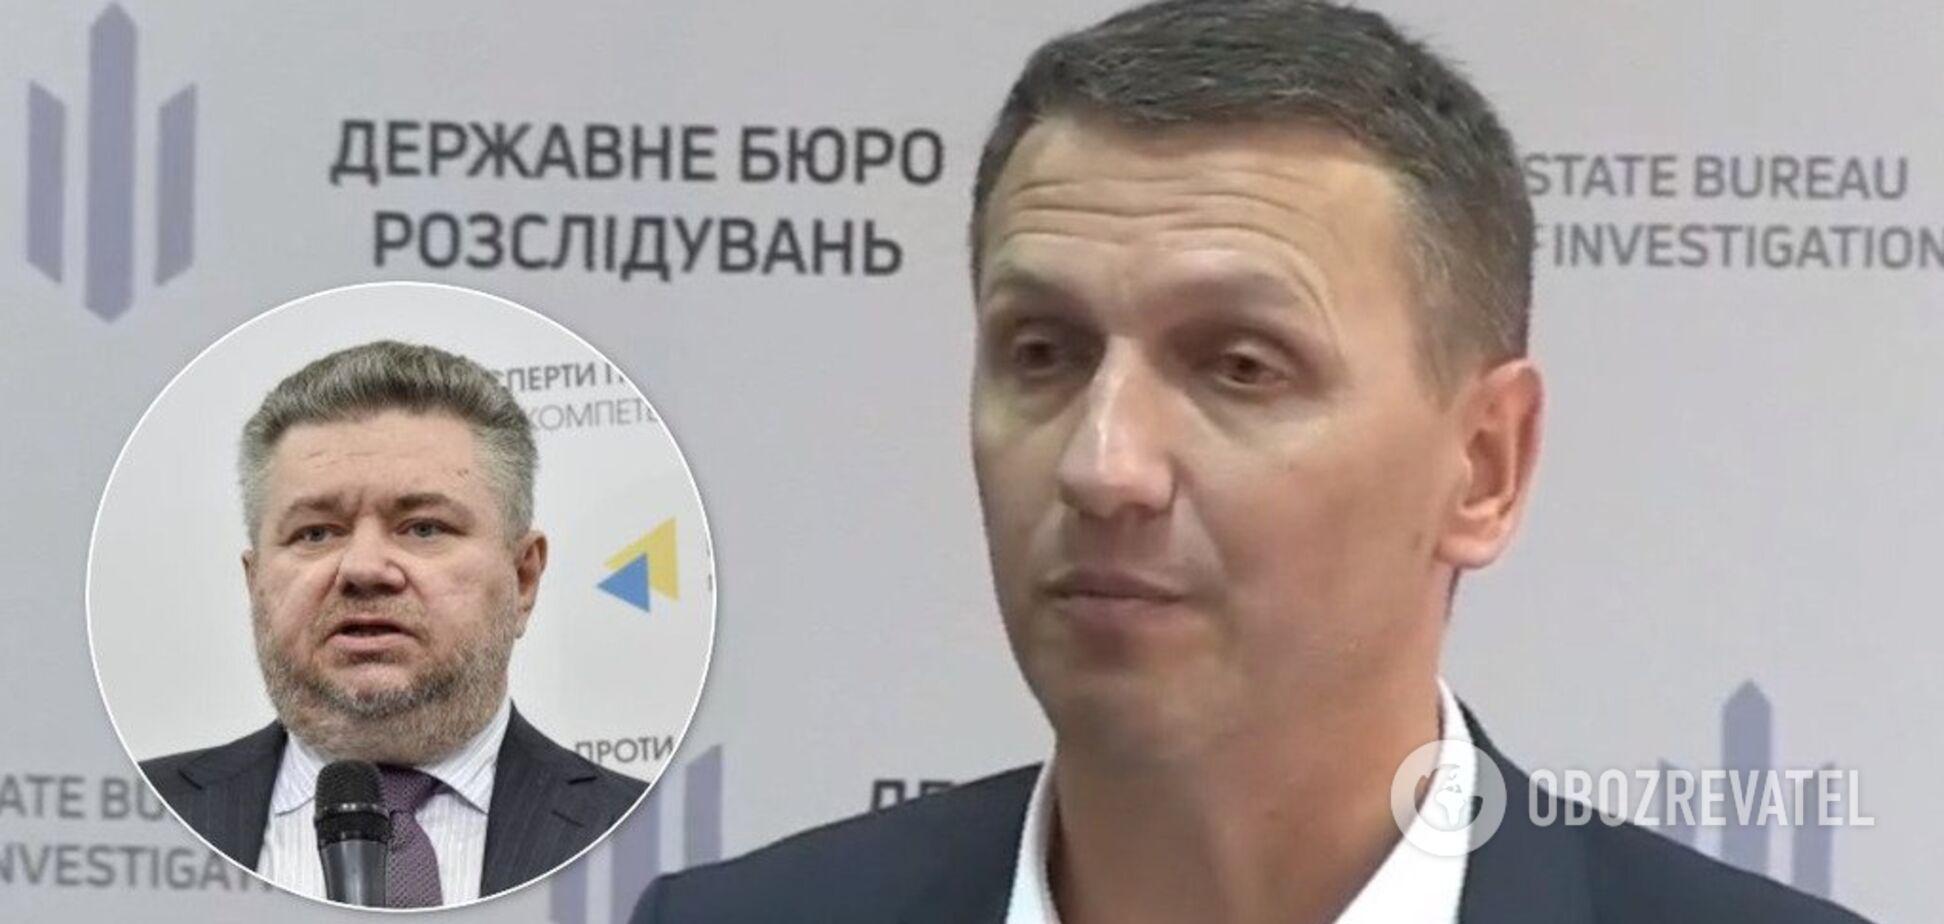 Эксперты подтвердили подлинность голоса Трубы на записях по преследованиям Порошенко – адвокат